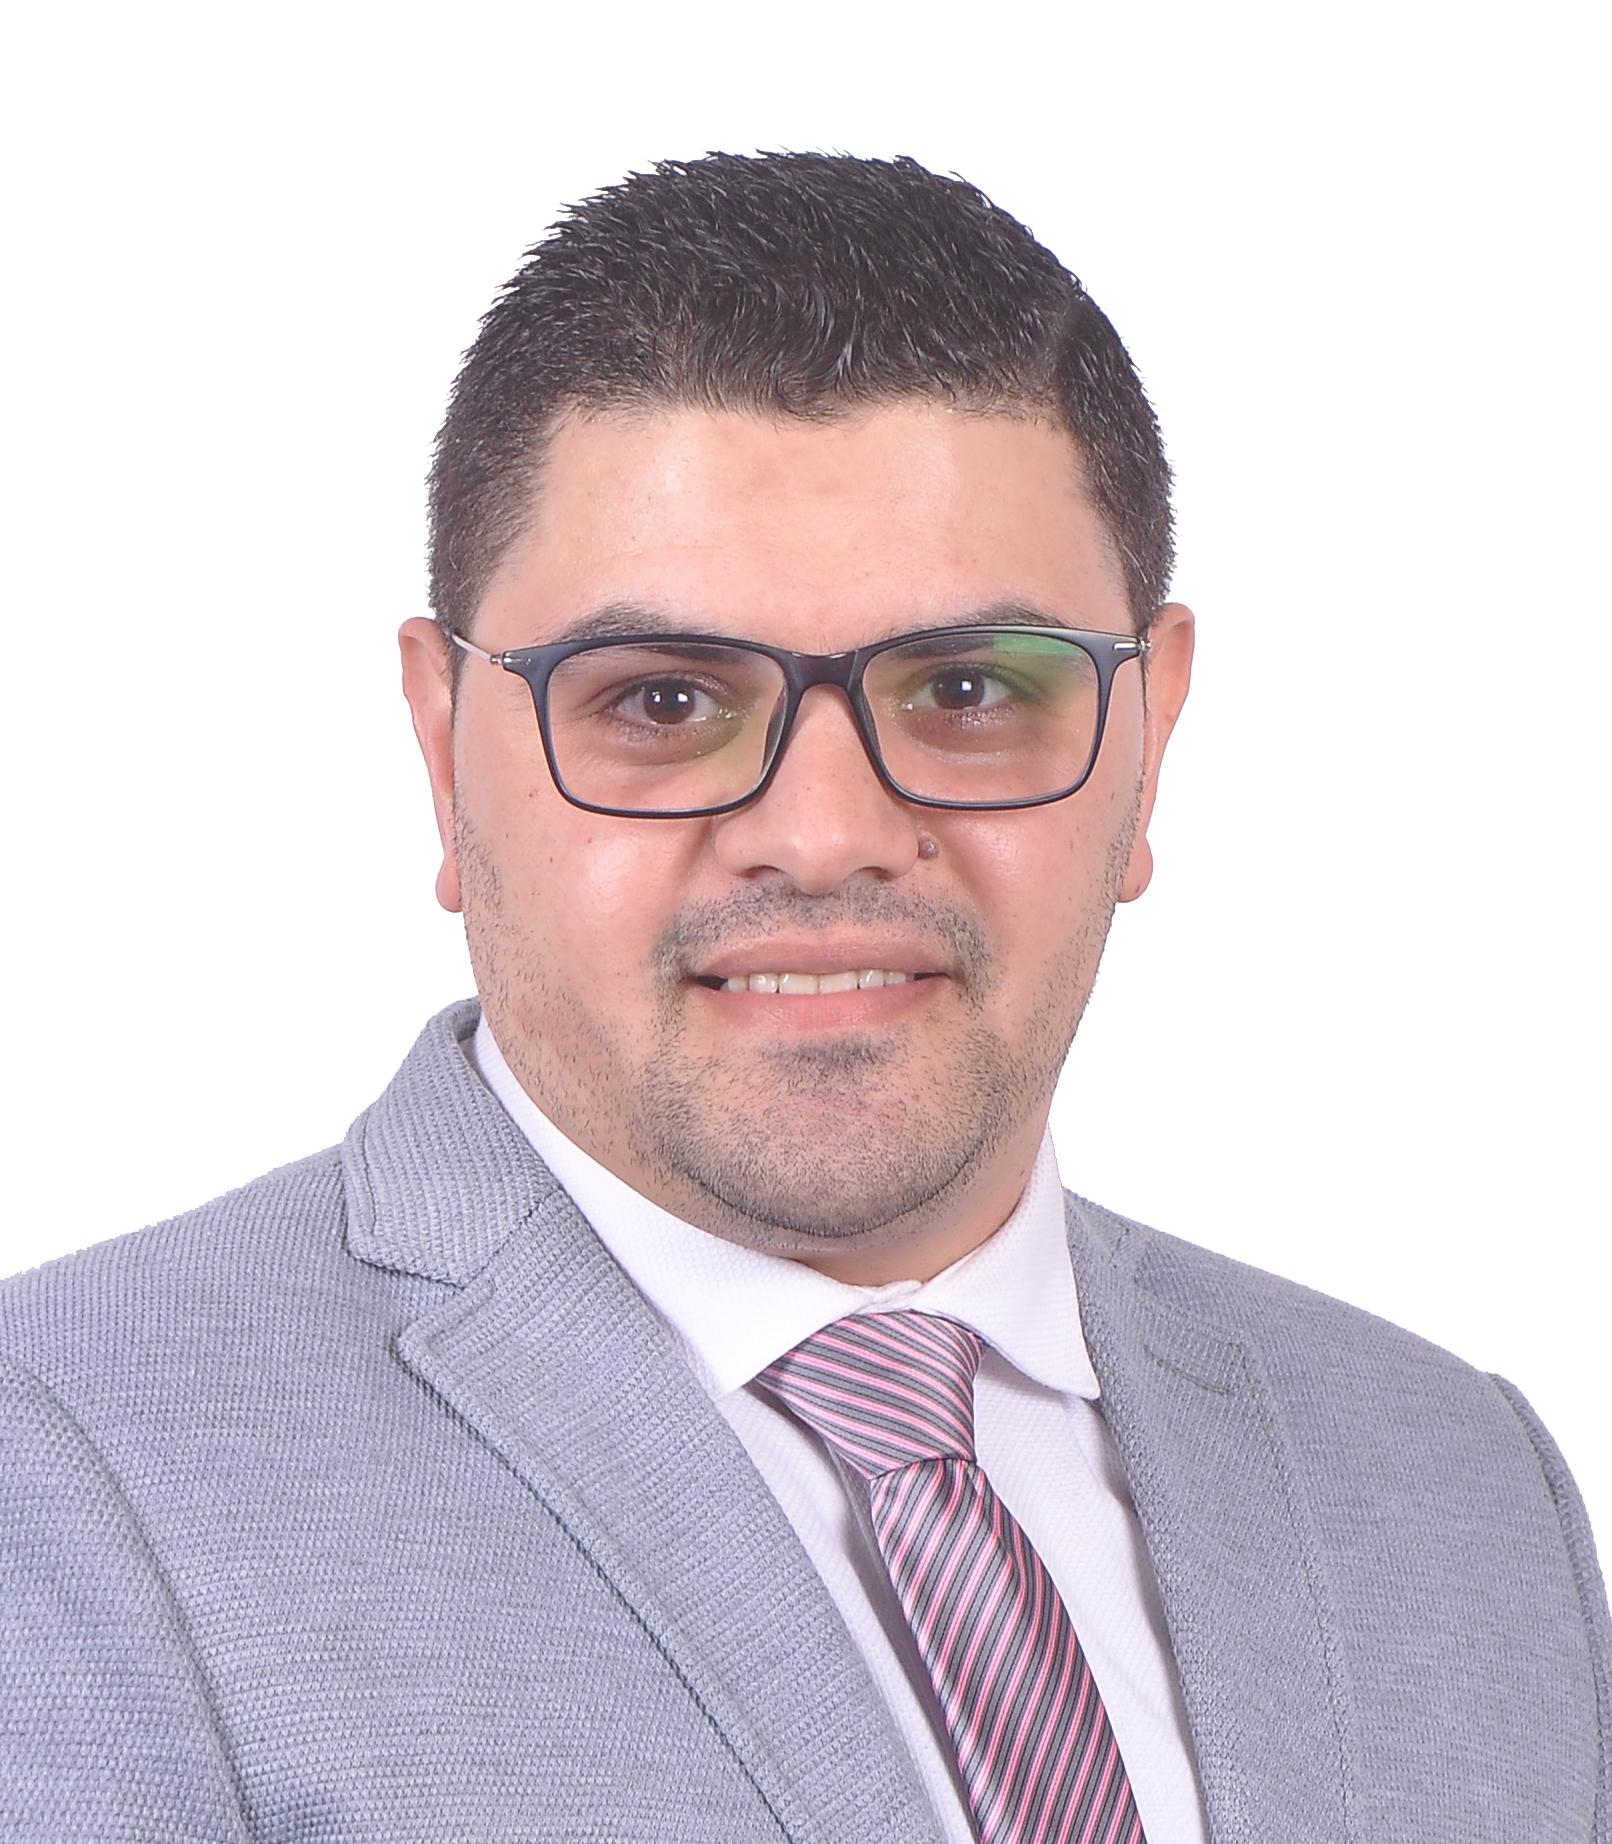 Waleed Elbasyouni